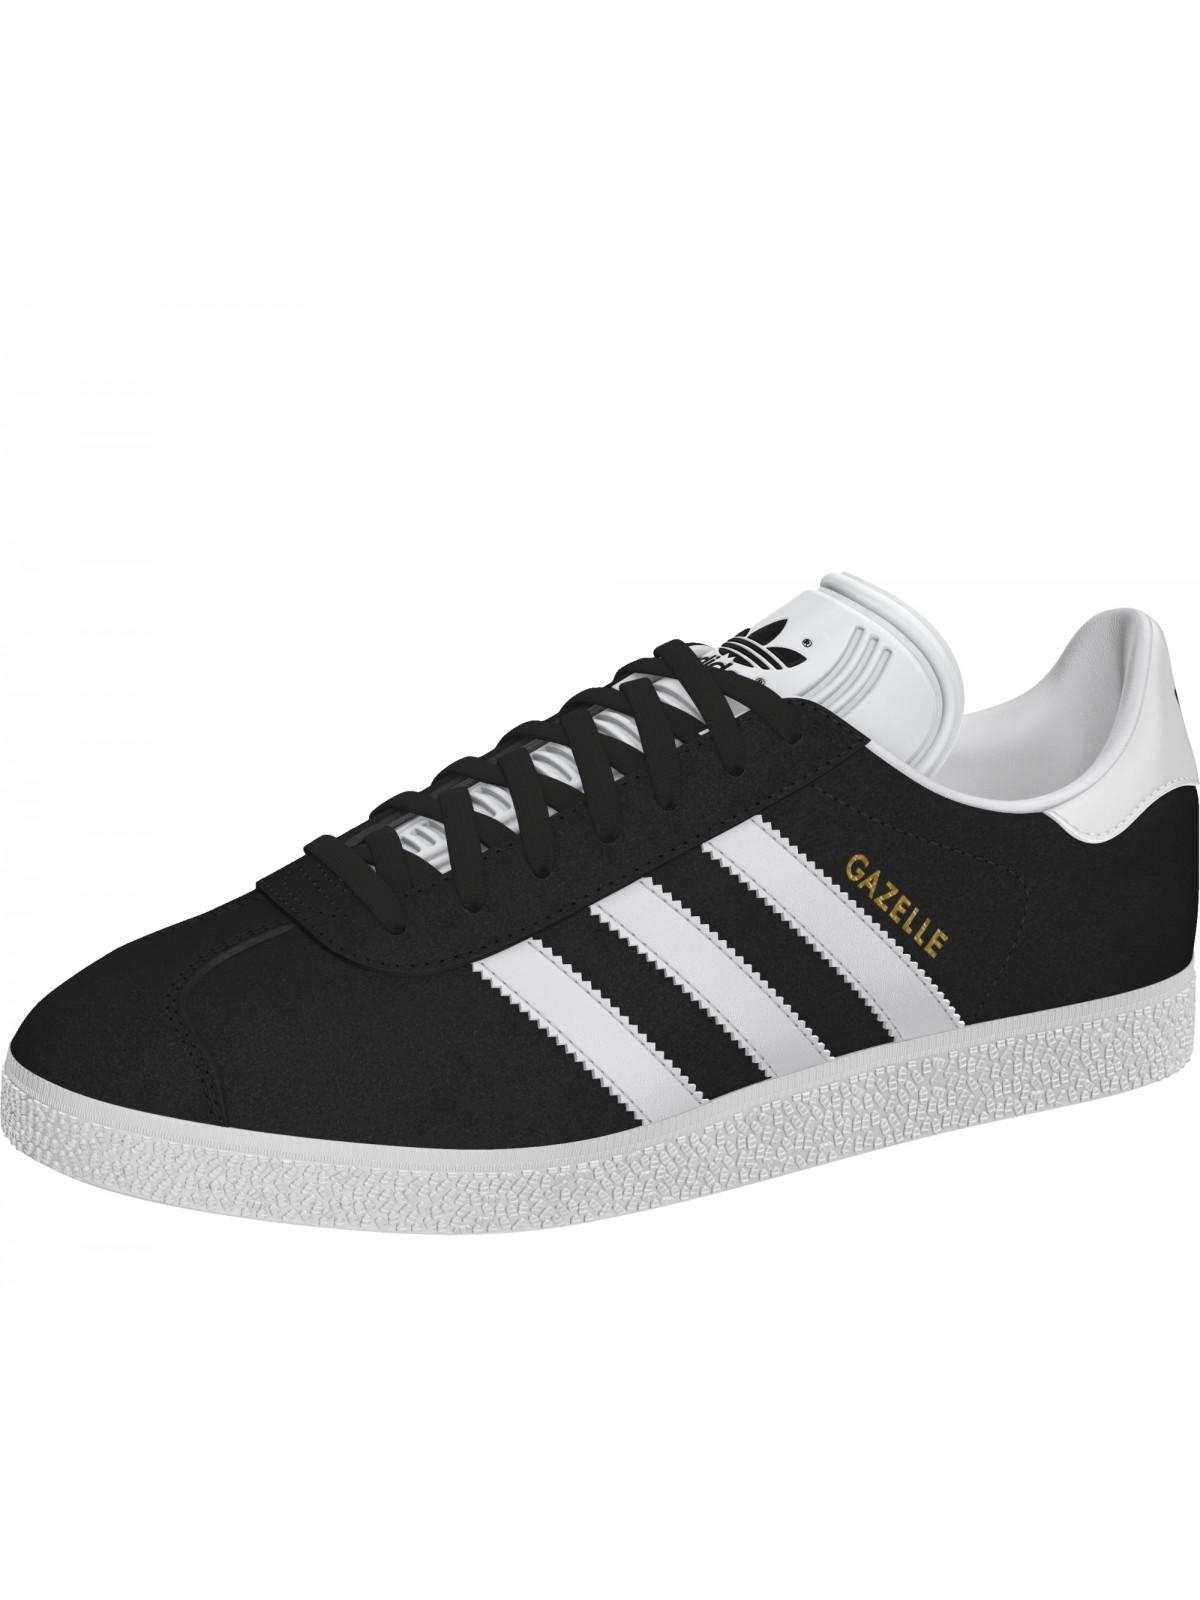 meilleur site web 8d944 b9d4e Adidas Gazelle suède noir / blanc (Gazelle 2) - Marques